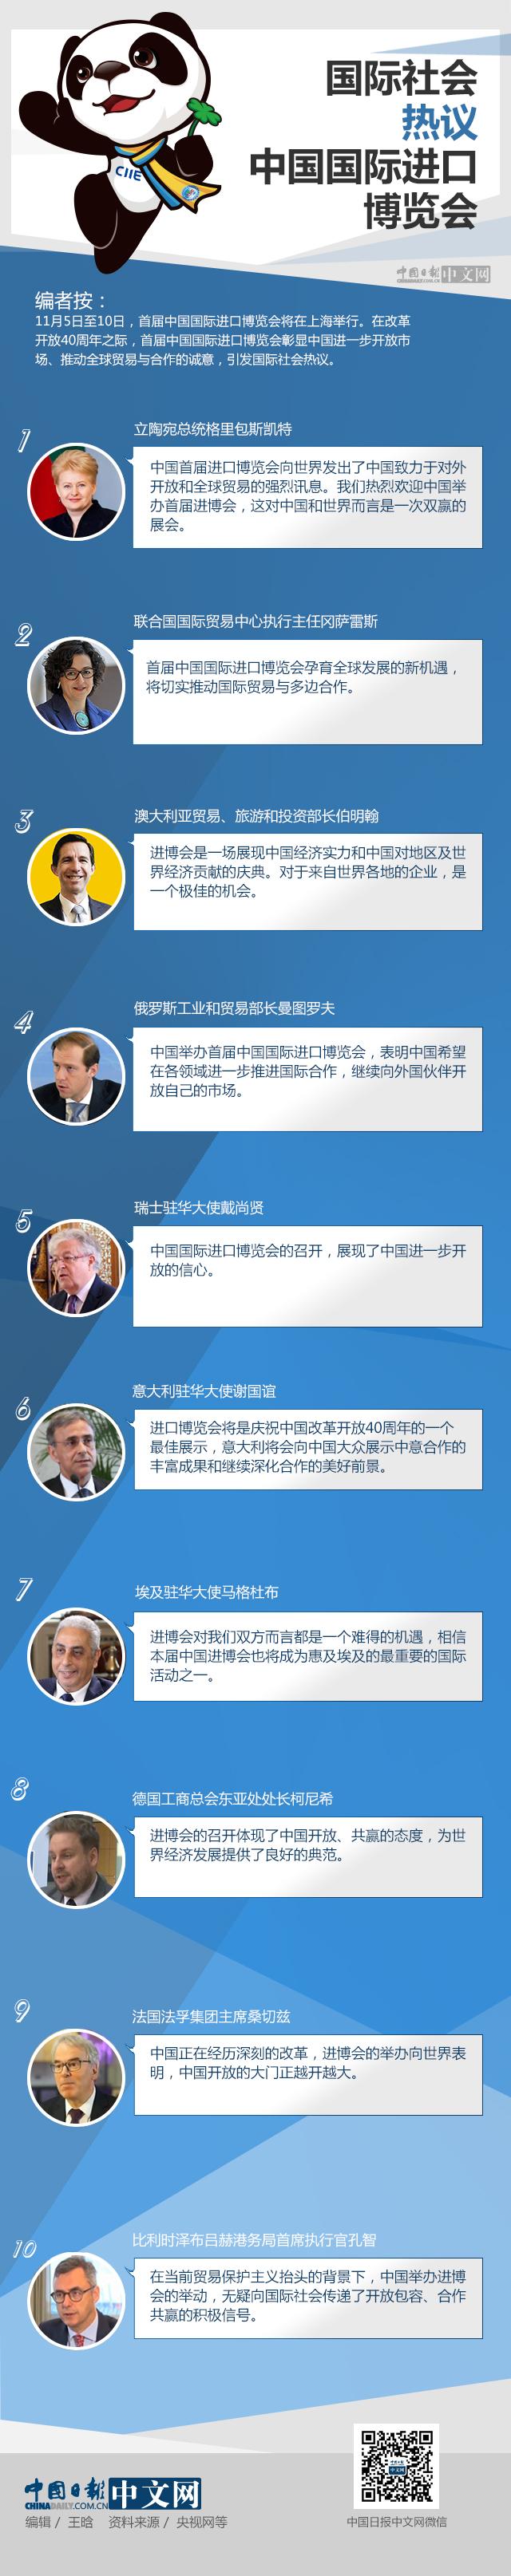 【全球聚焦进博会】图解| 国际社会热议中国国际进口博览会